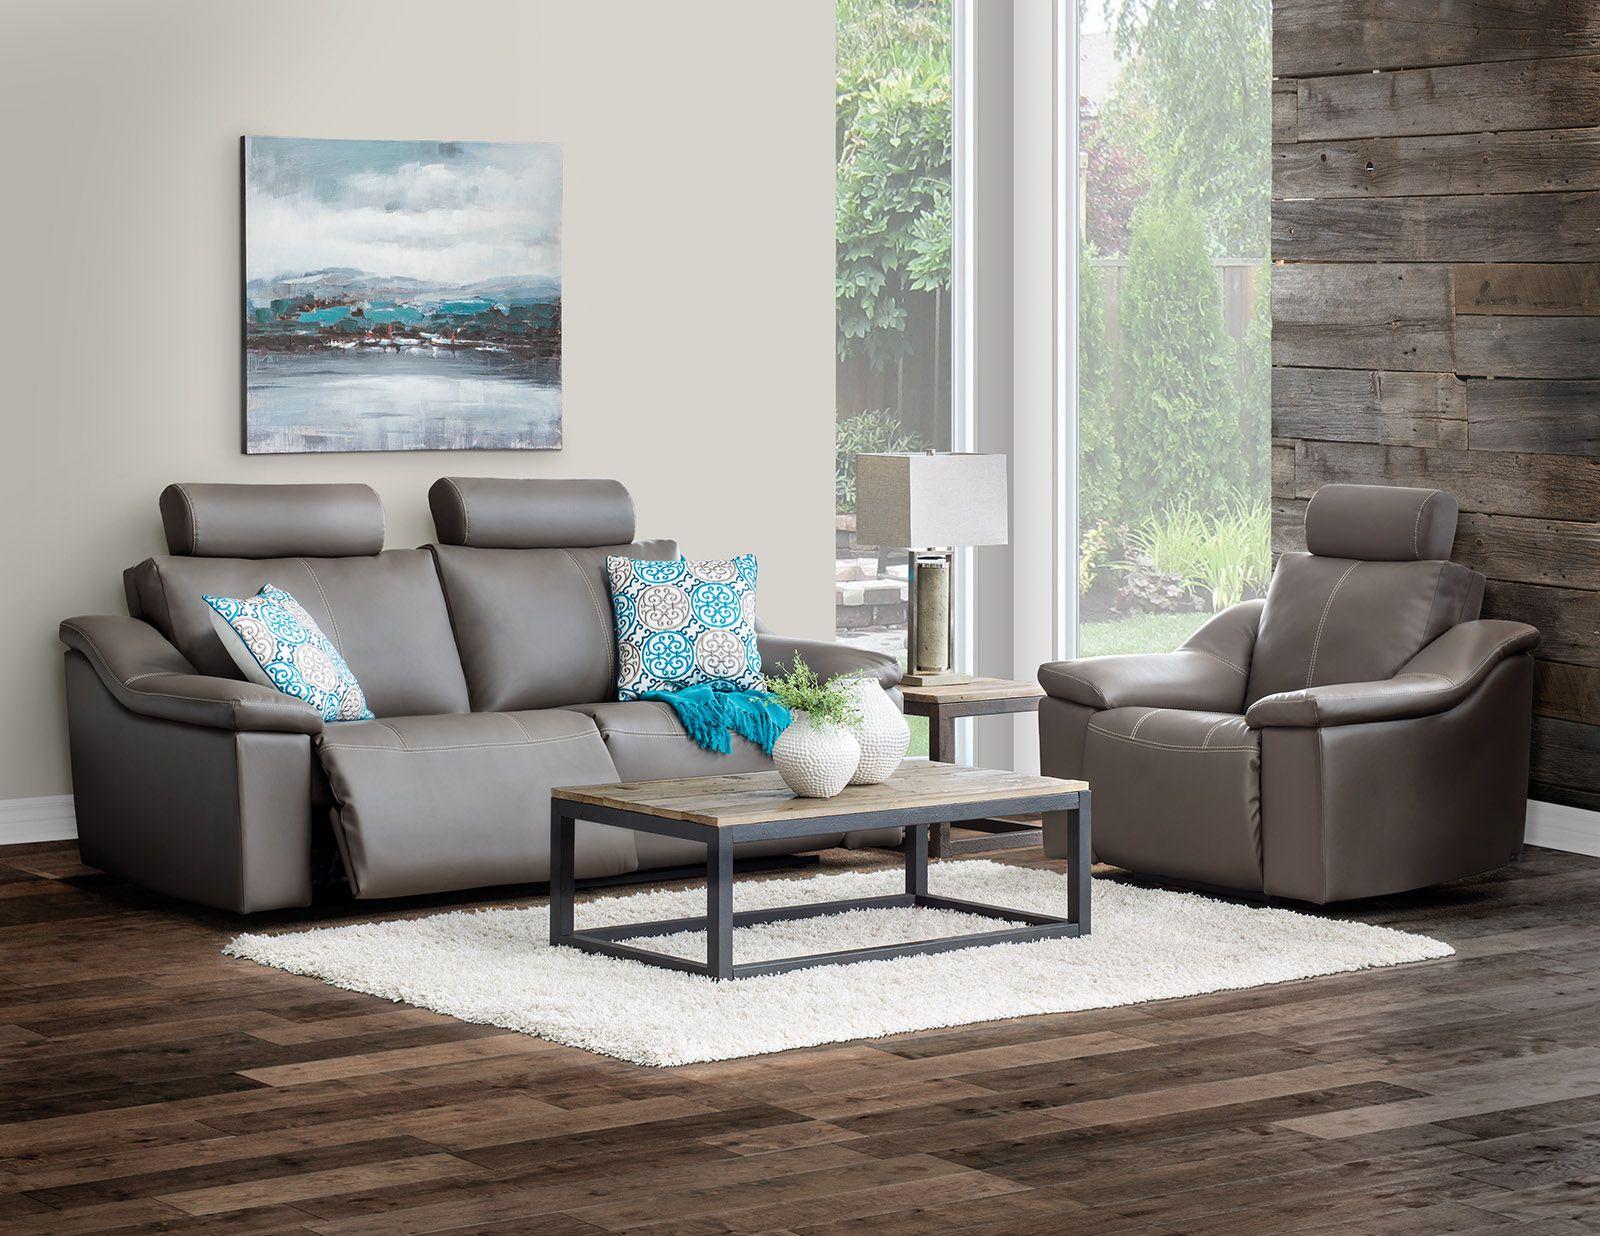 Salon Taupe Et Turquoise accent meubles - ensembles de mobilier de salon - mobilier